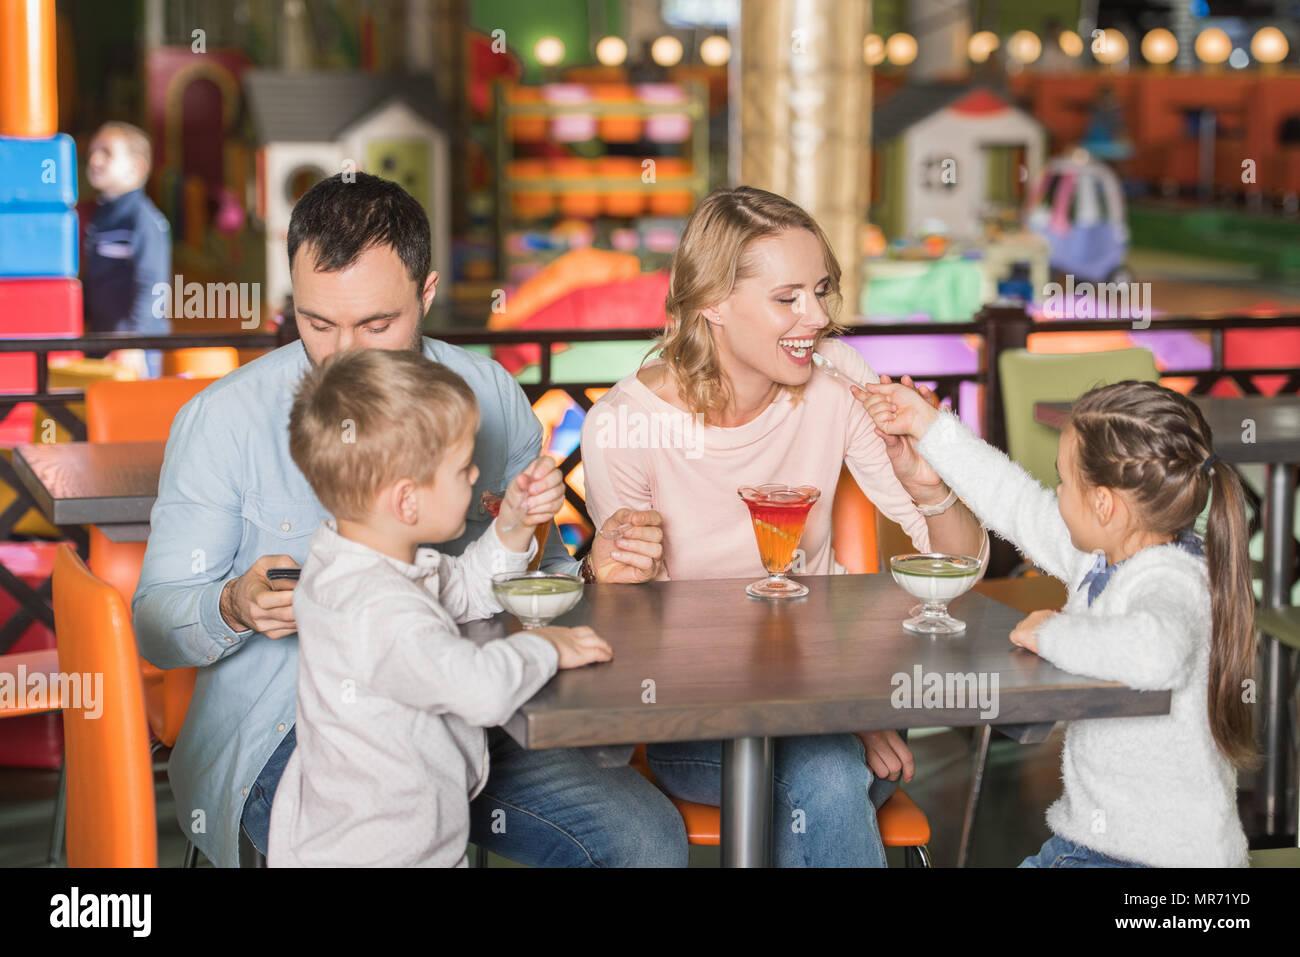 Famille avec deux enfants de manger savoureux desserts et père en utilisant smartphone dans cafe Photo Stock